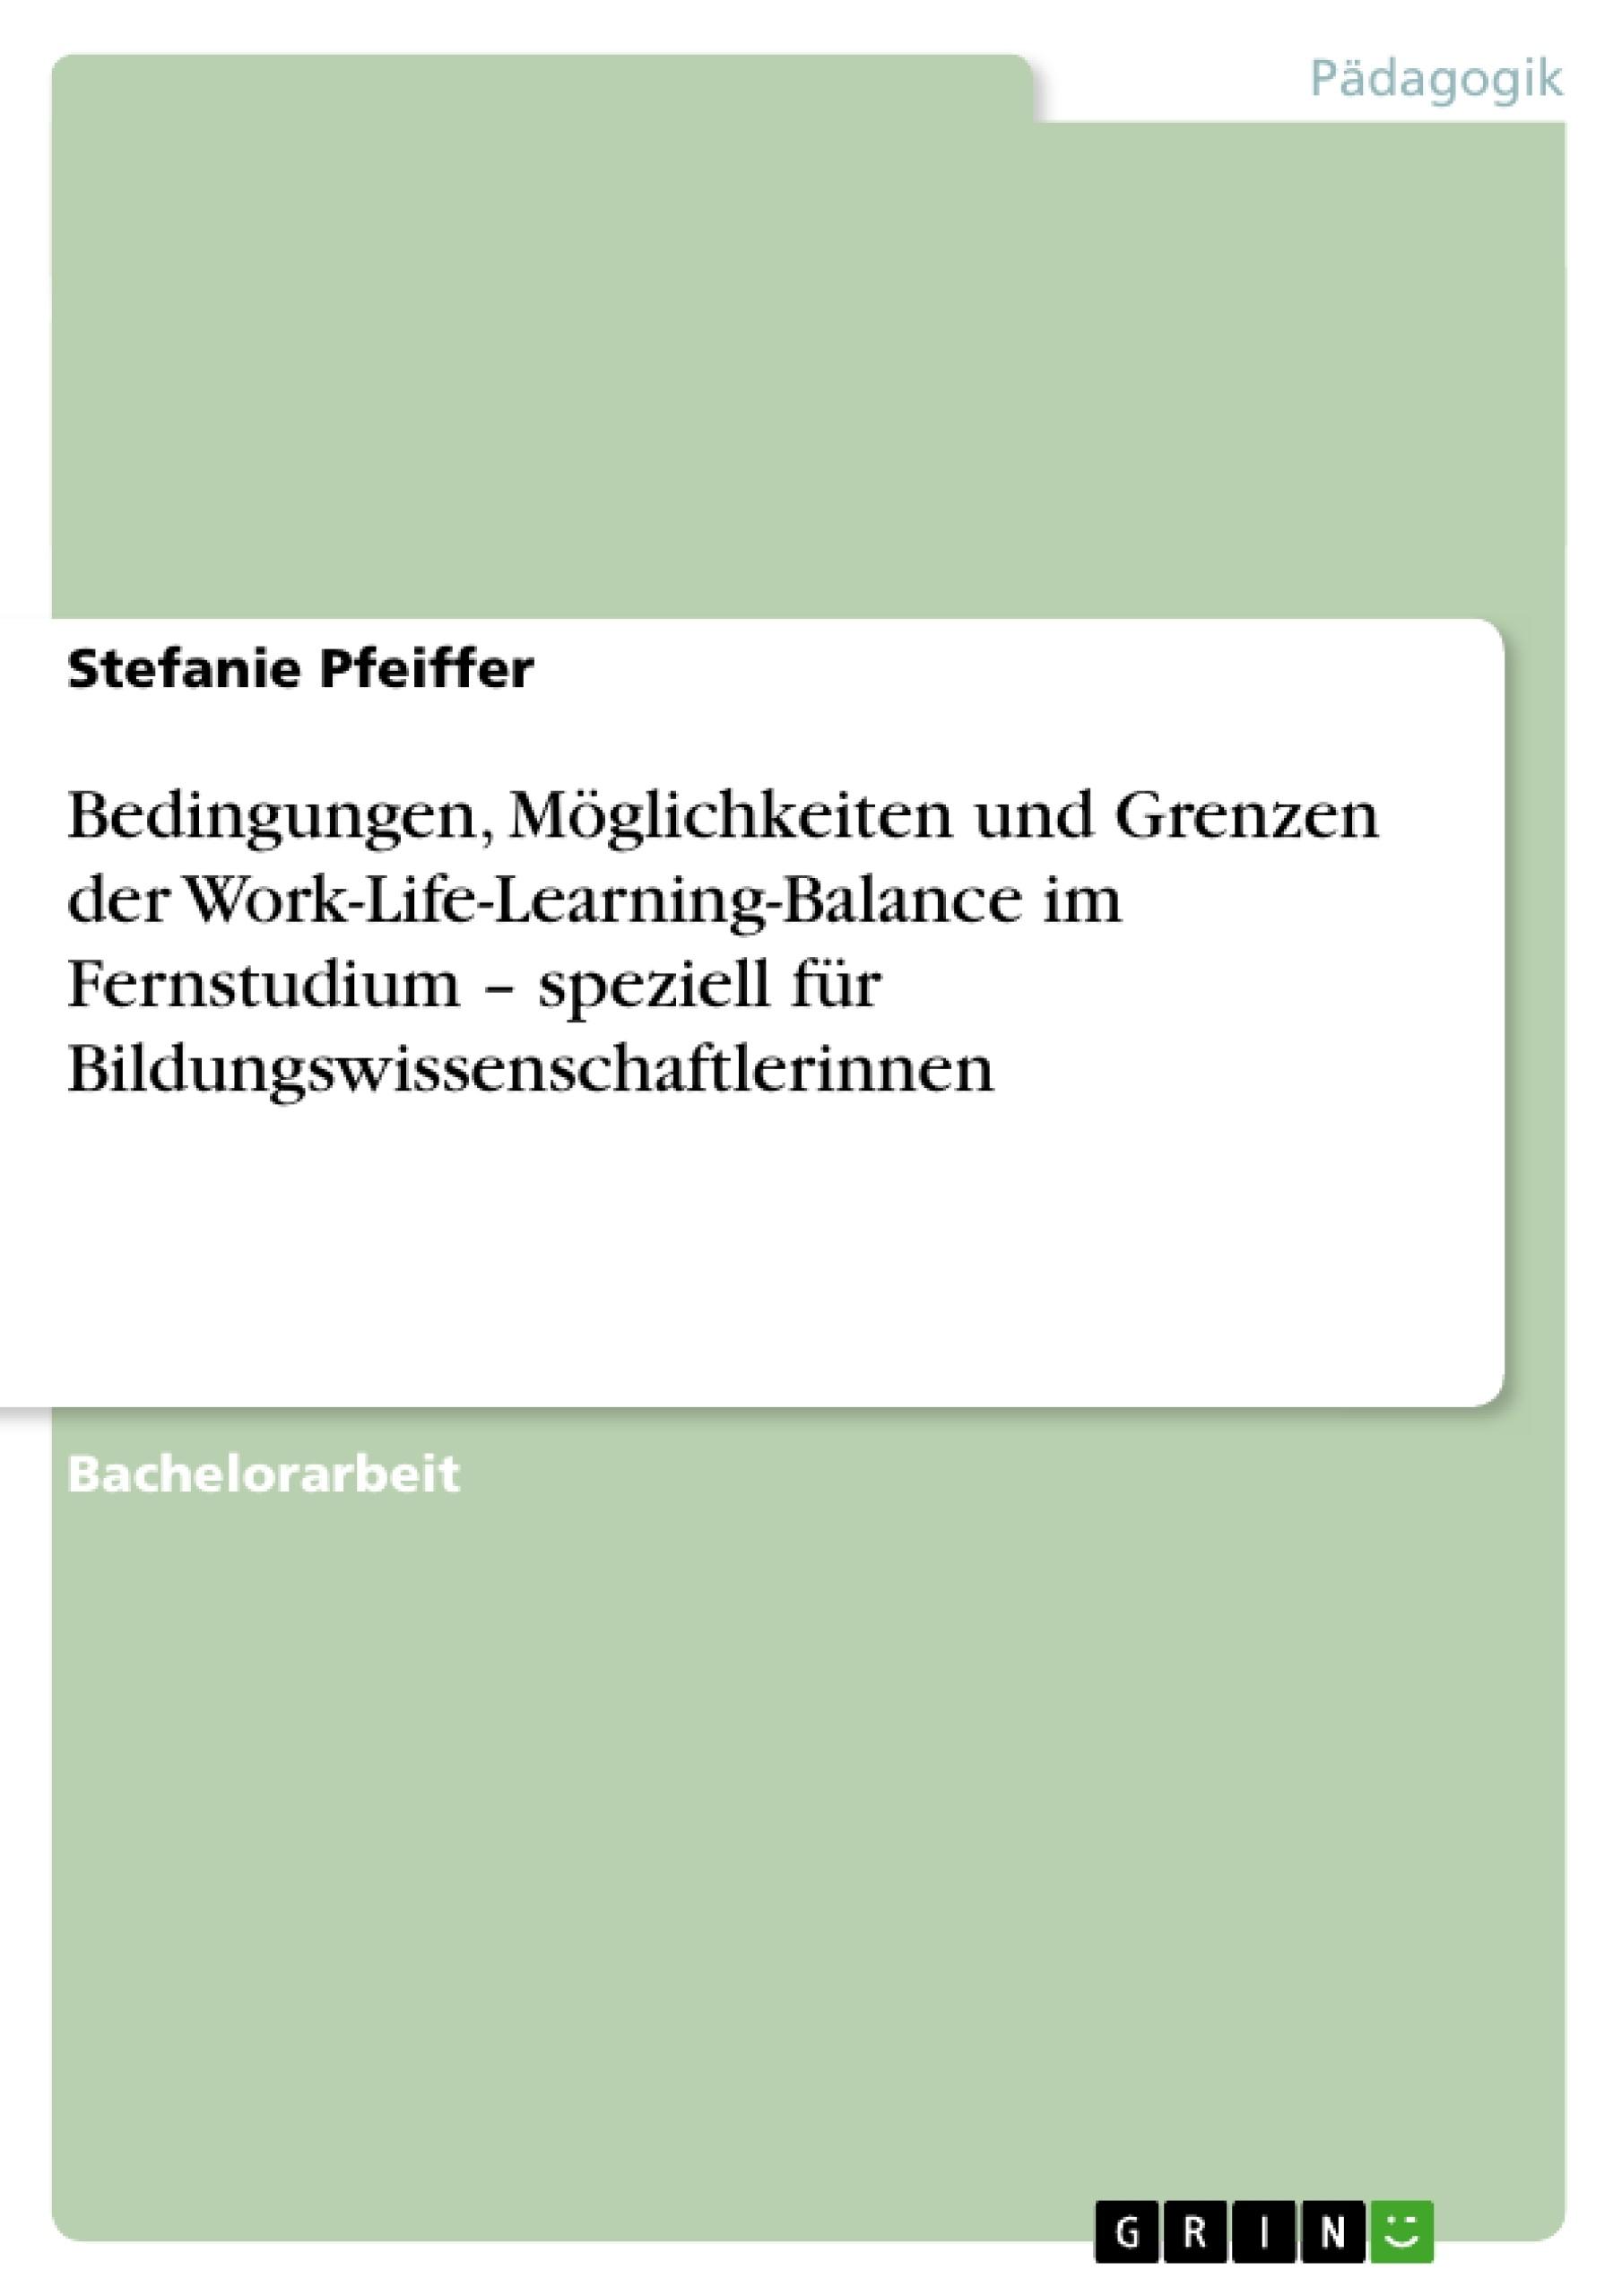 Titel: Bedingungen, Möglichkeiten und Grenzen der Work-Life-Learning-Balance im Fernstudium – speziell für Bildungswissenschaftlerinnen